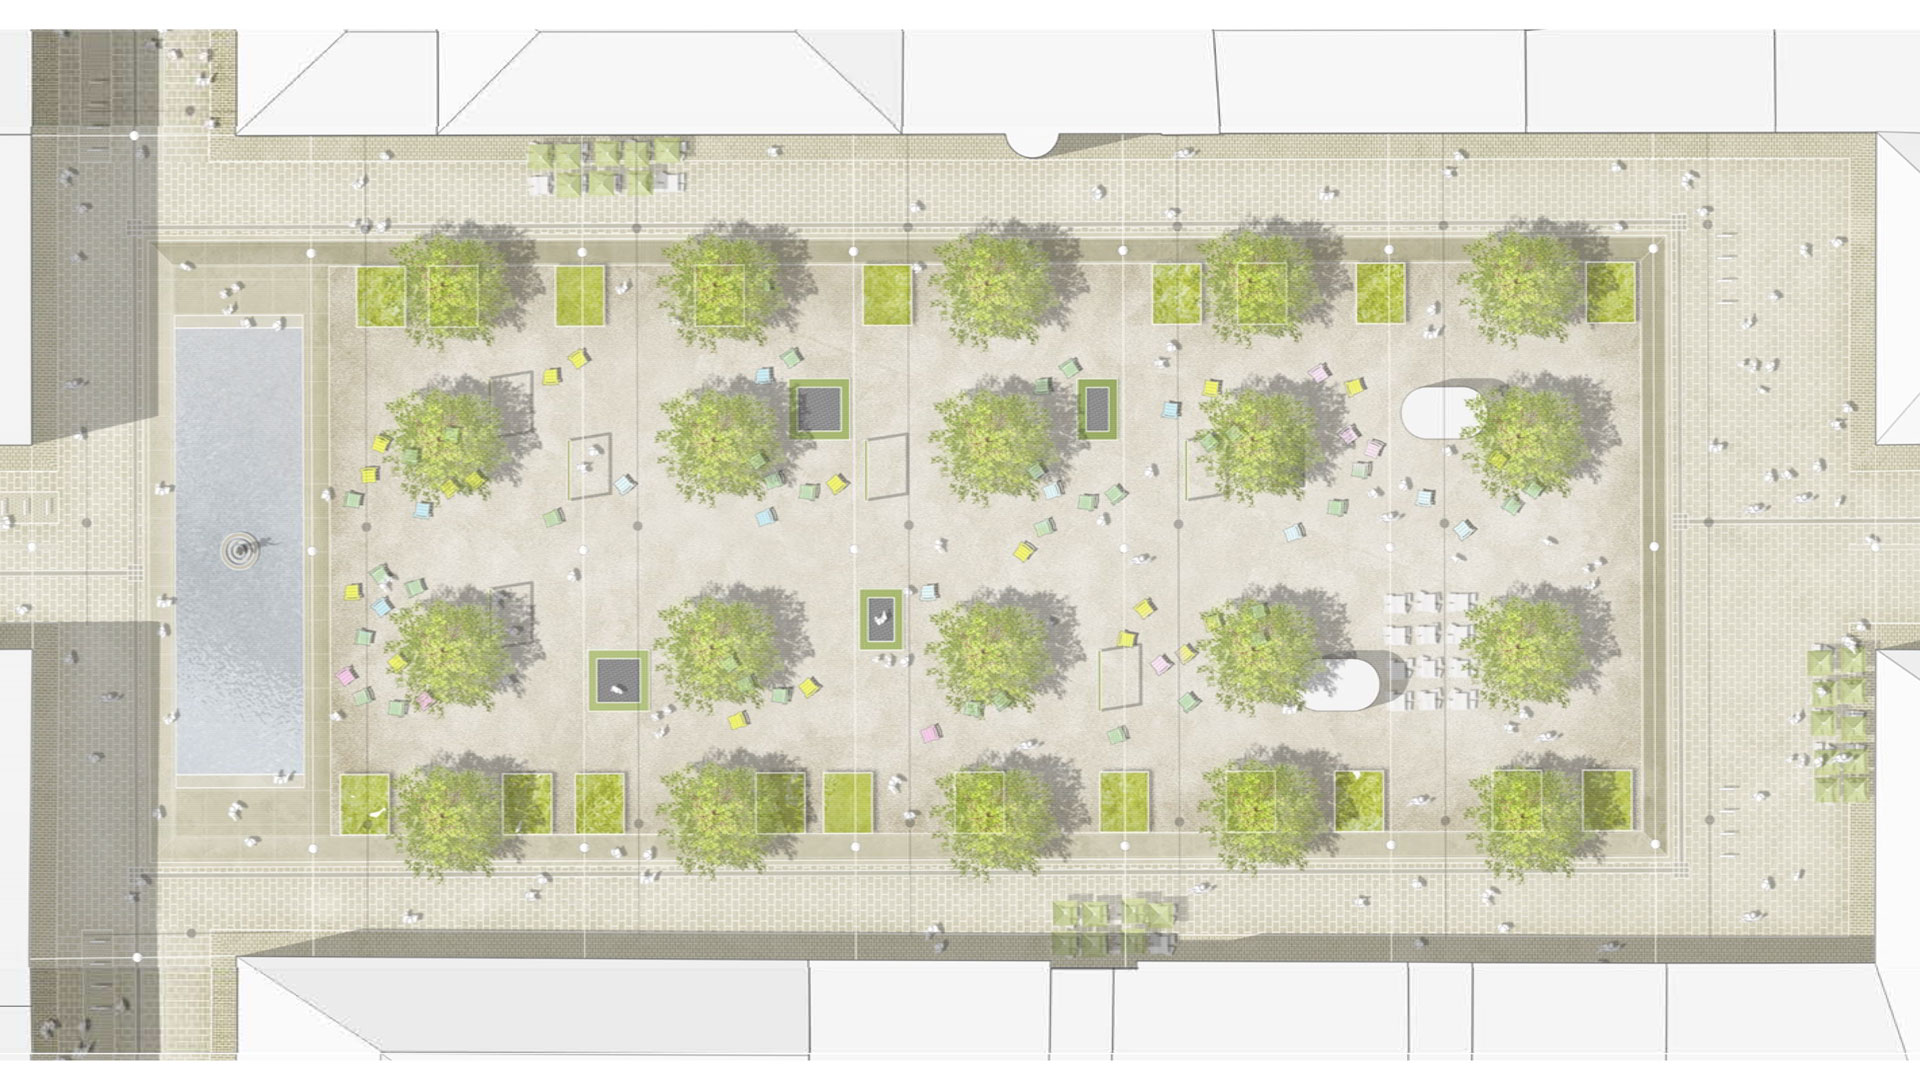 [f] Landschaftsarchitekten hat in ihrem Entwurf den Georgsbrunnen von einer zur anderen Kopfseite des Platzes verlegt. Grafik: [f] Landschaftsarchitekten. © Stadt Limburg